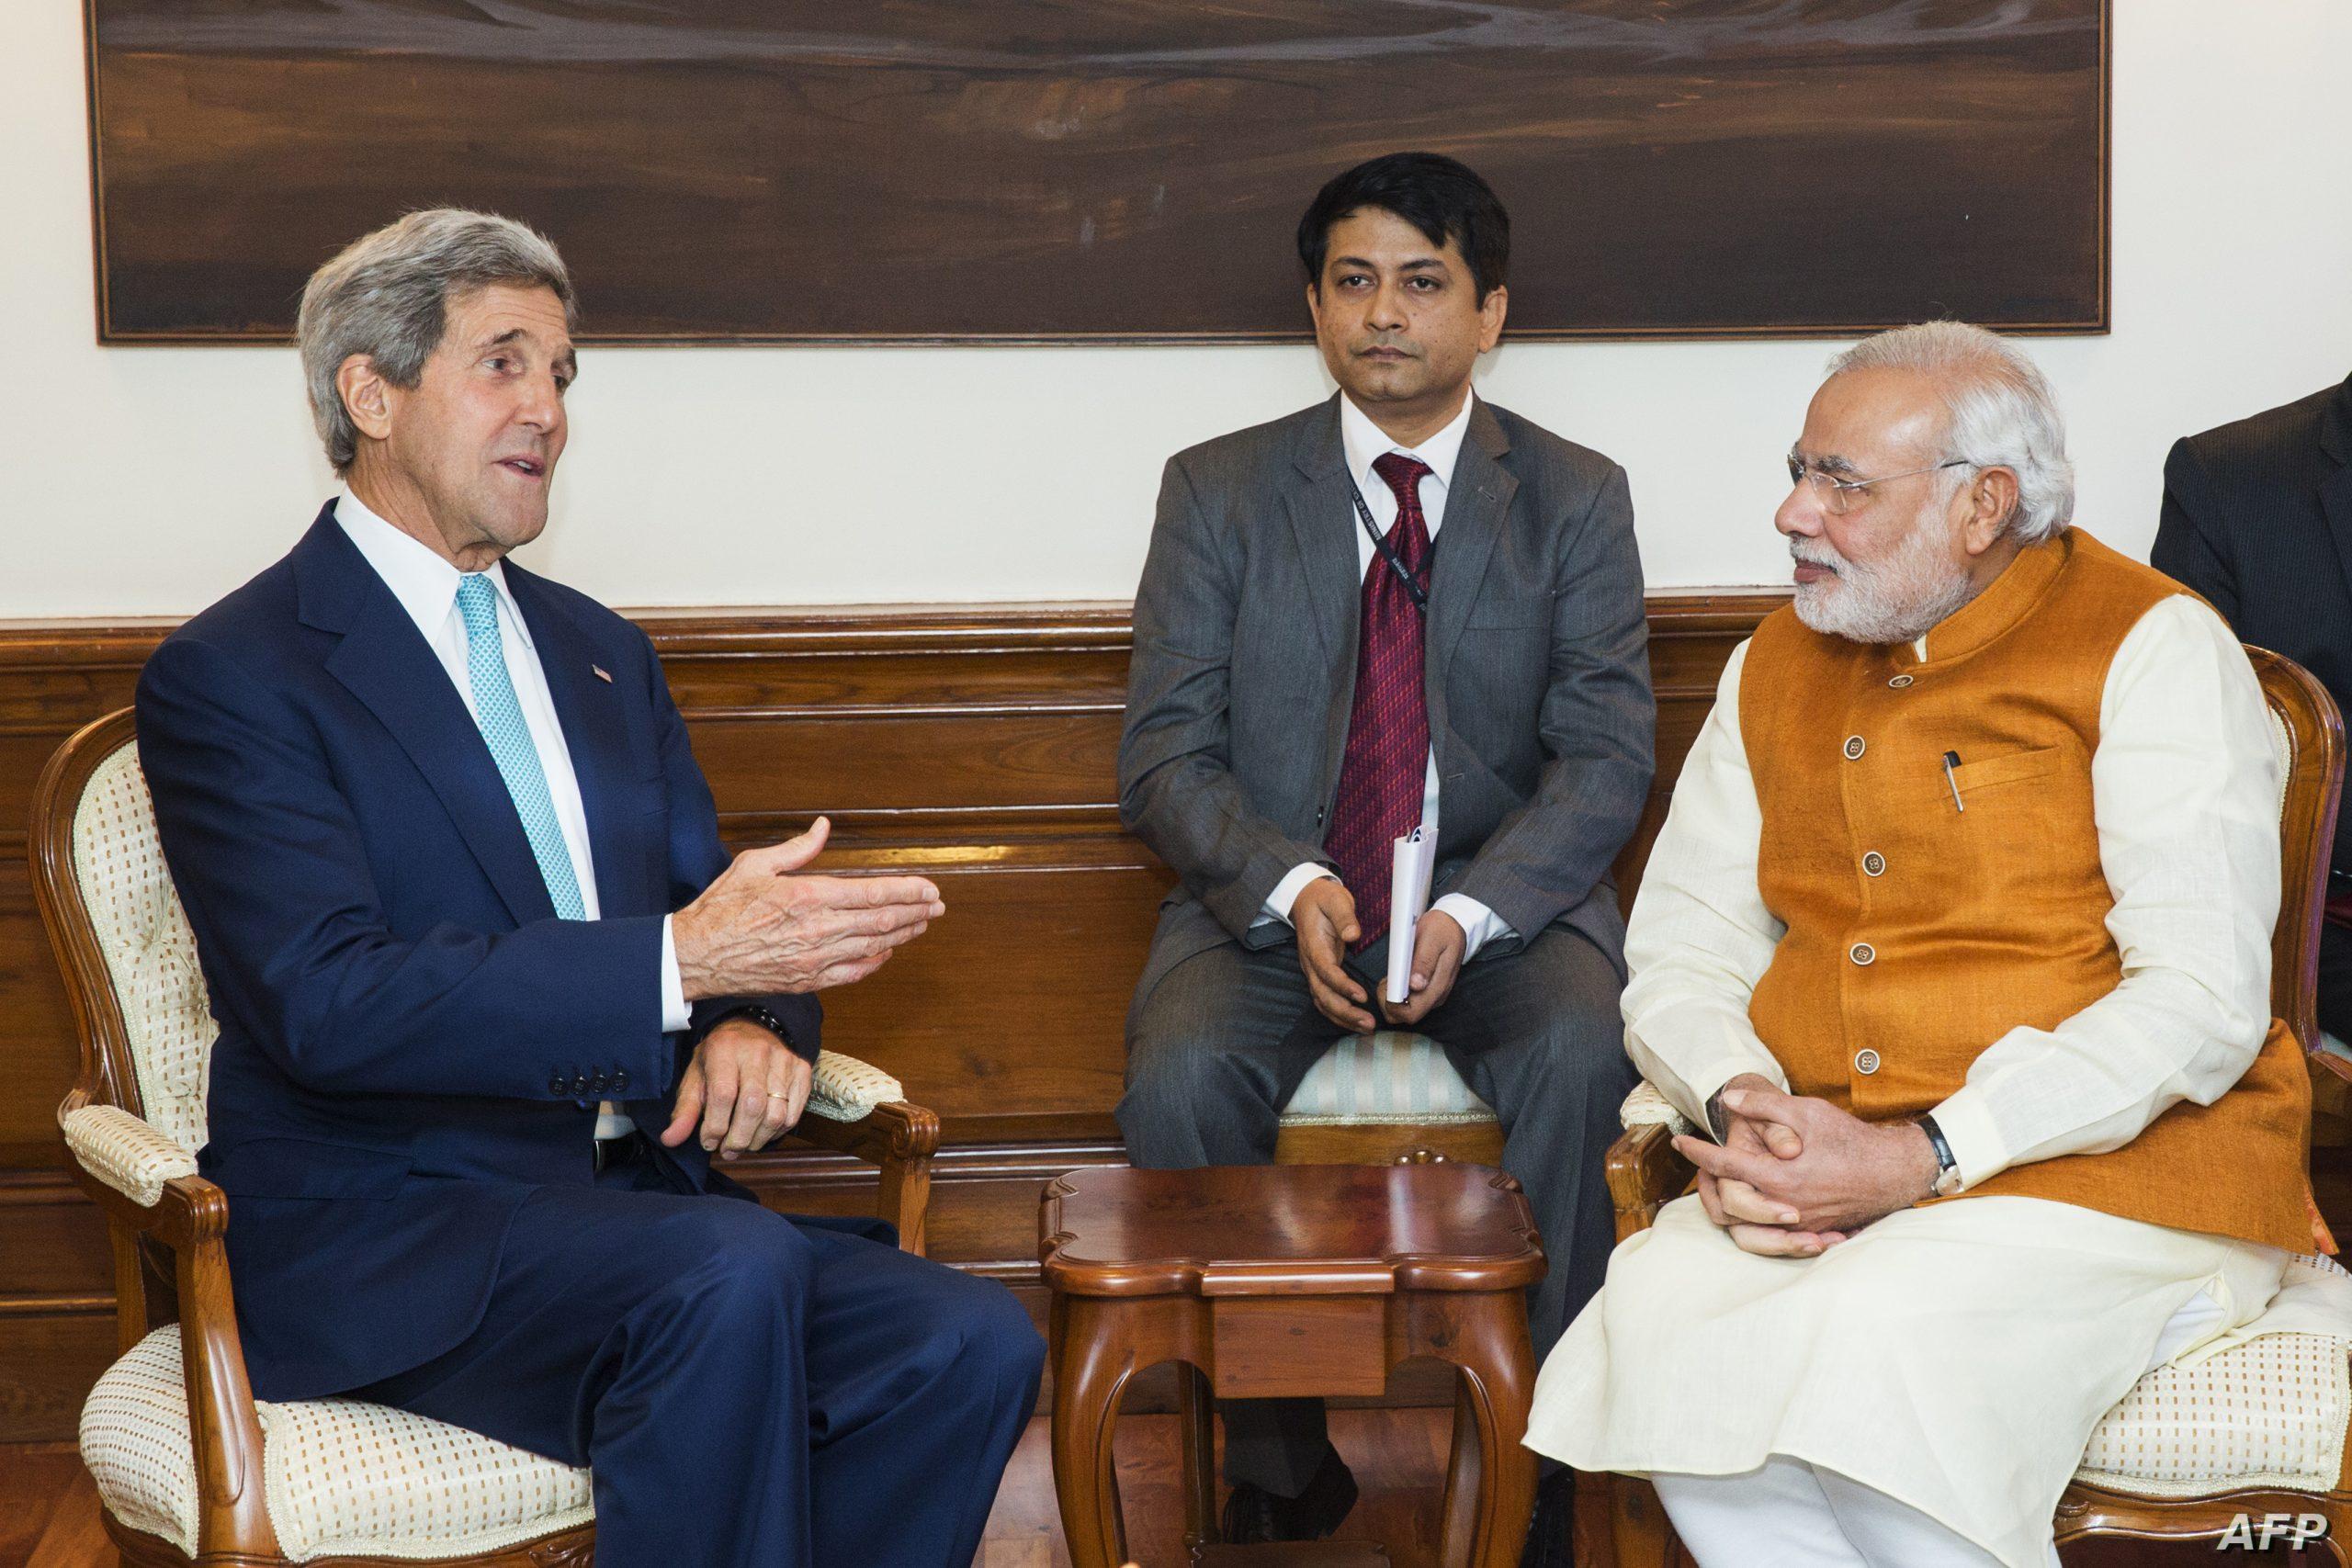 الطاقة المتجددة في الهند - لقاء سابق بين جون كيري ورئيس الوزراء الهندي